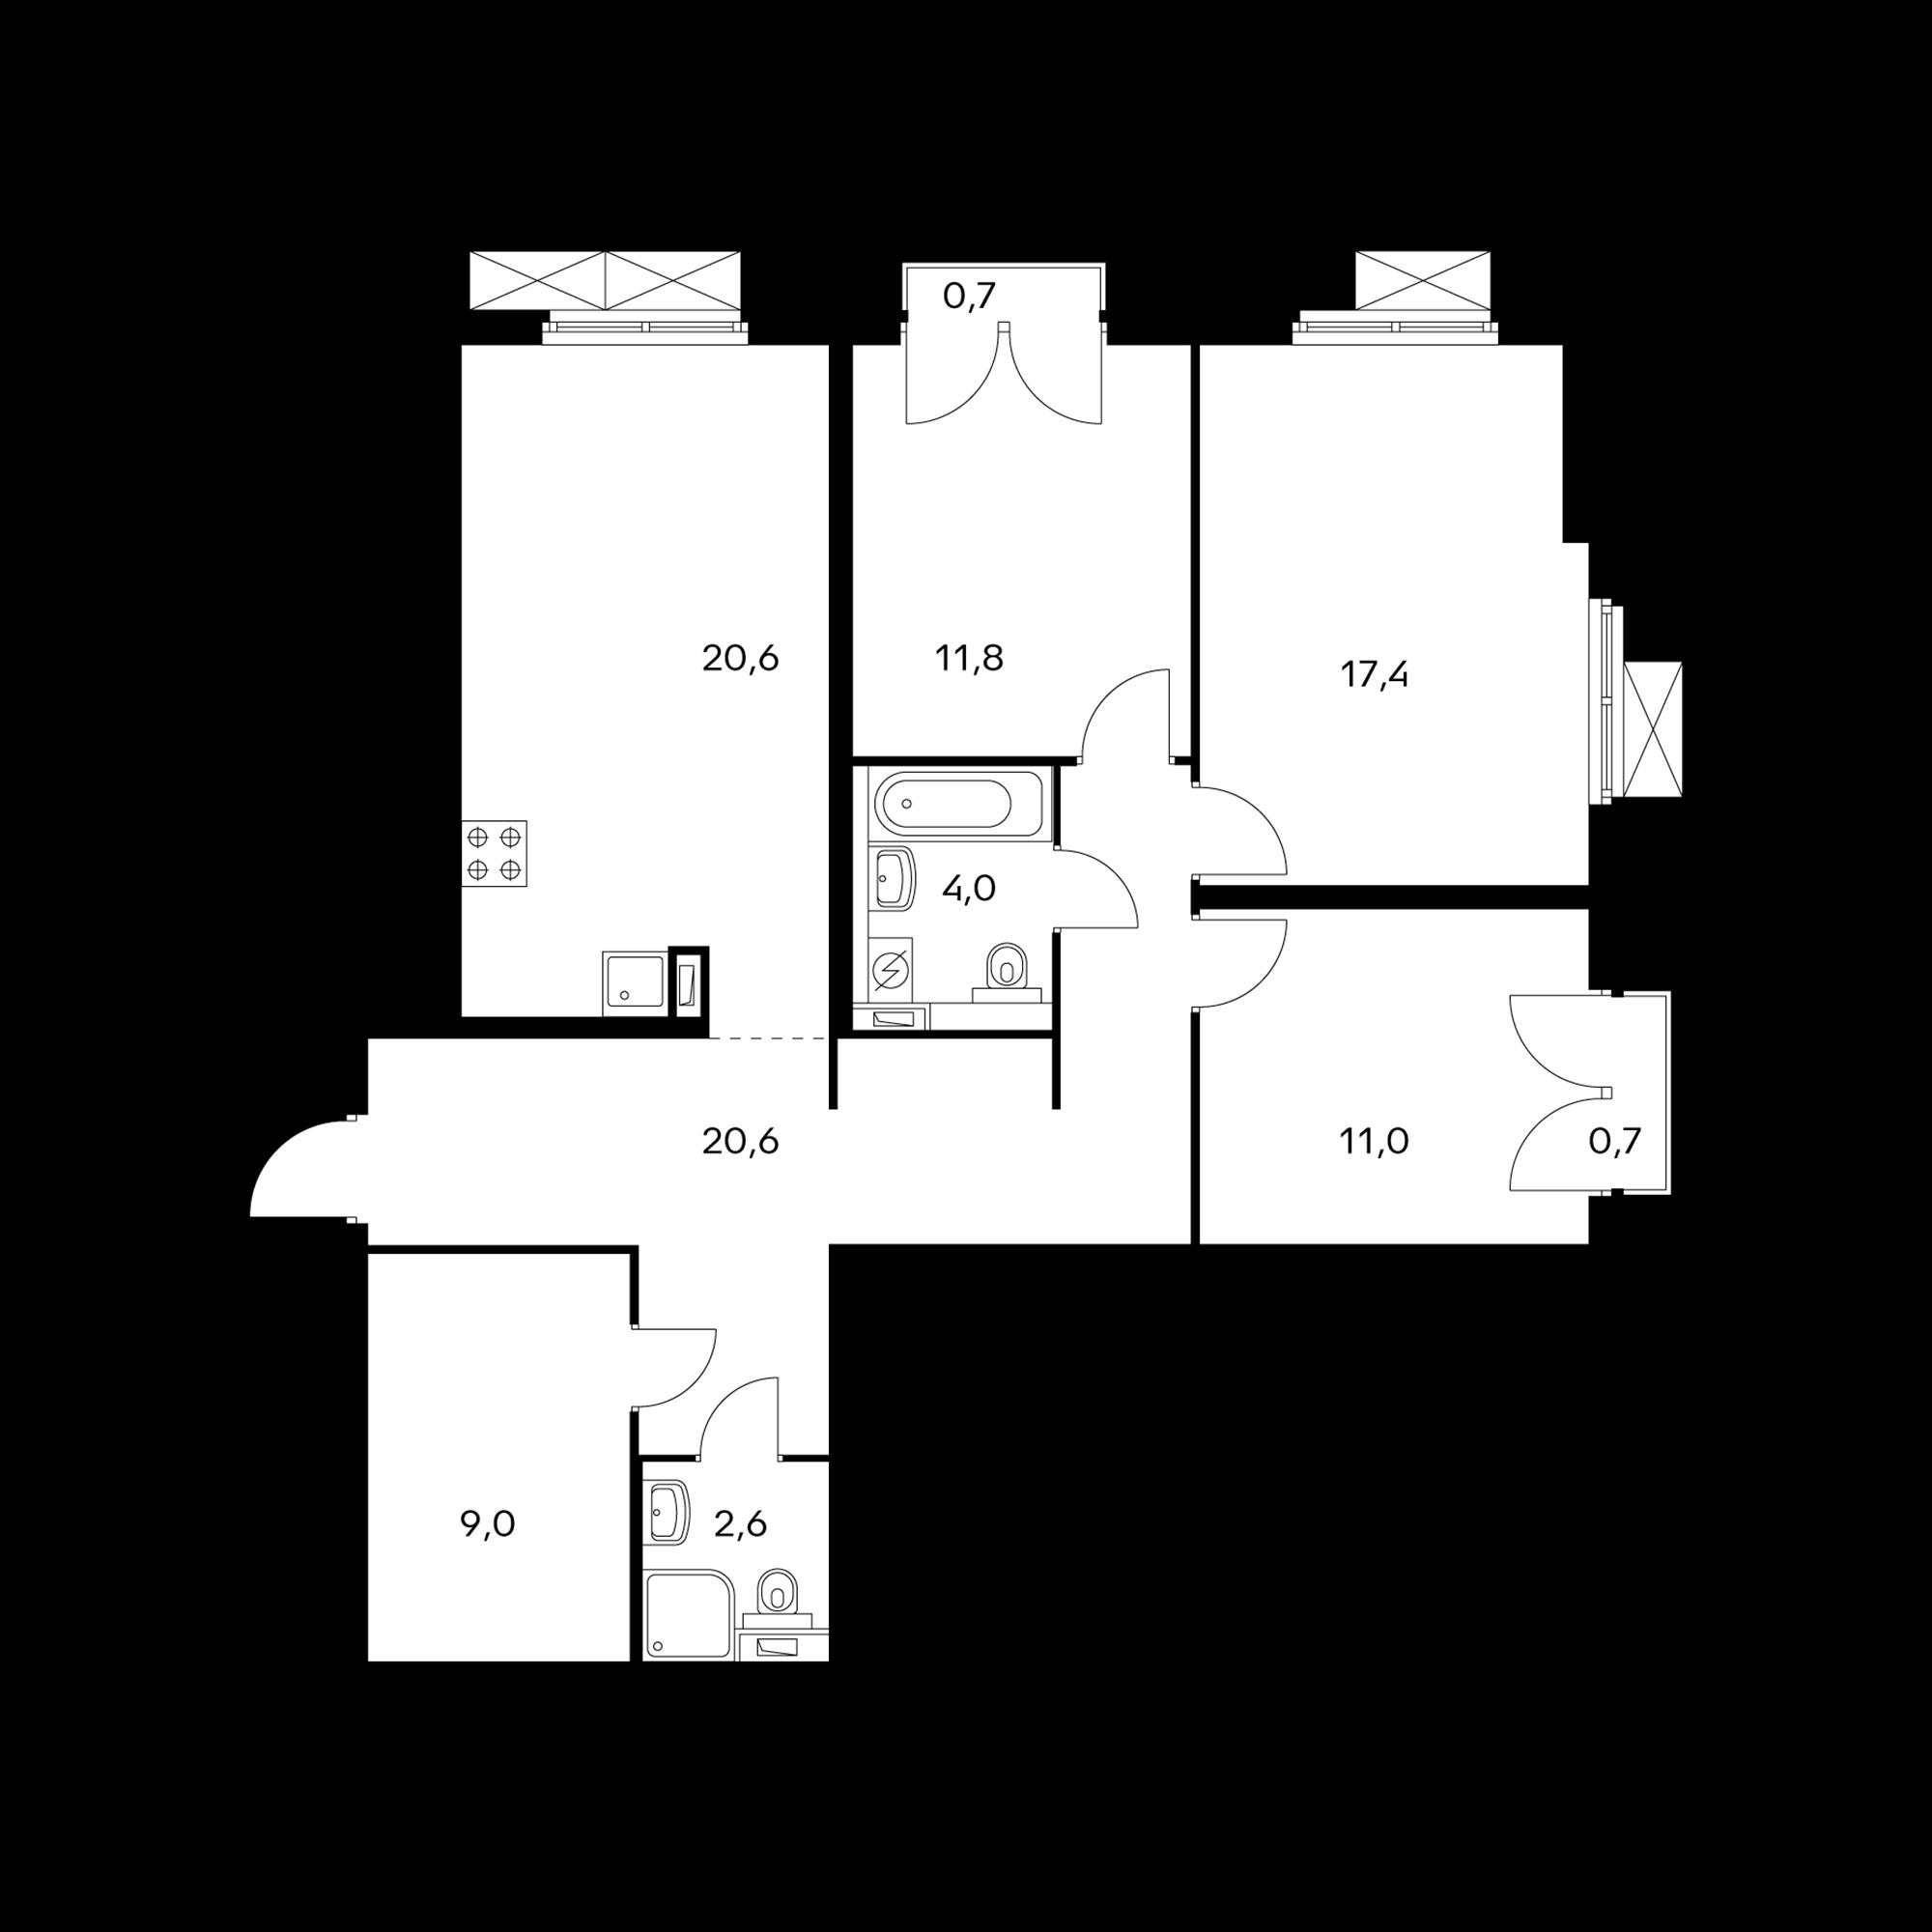 3-комнатная 97.4 м²